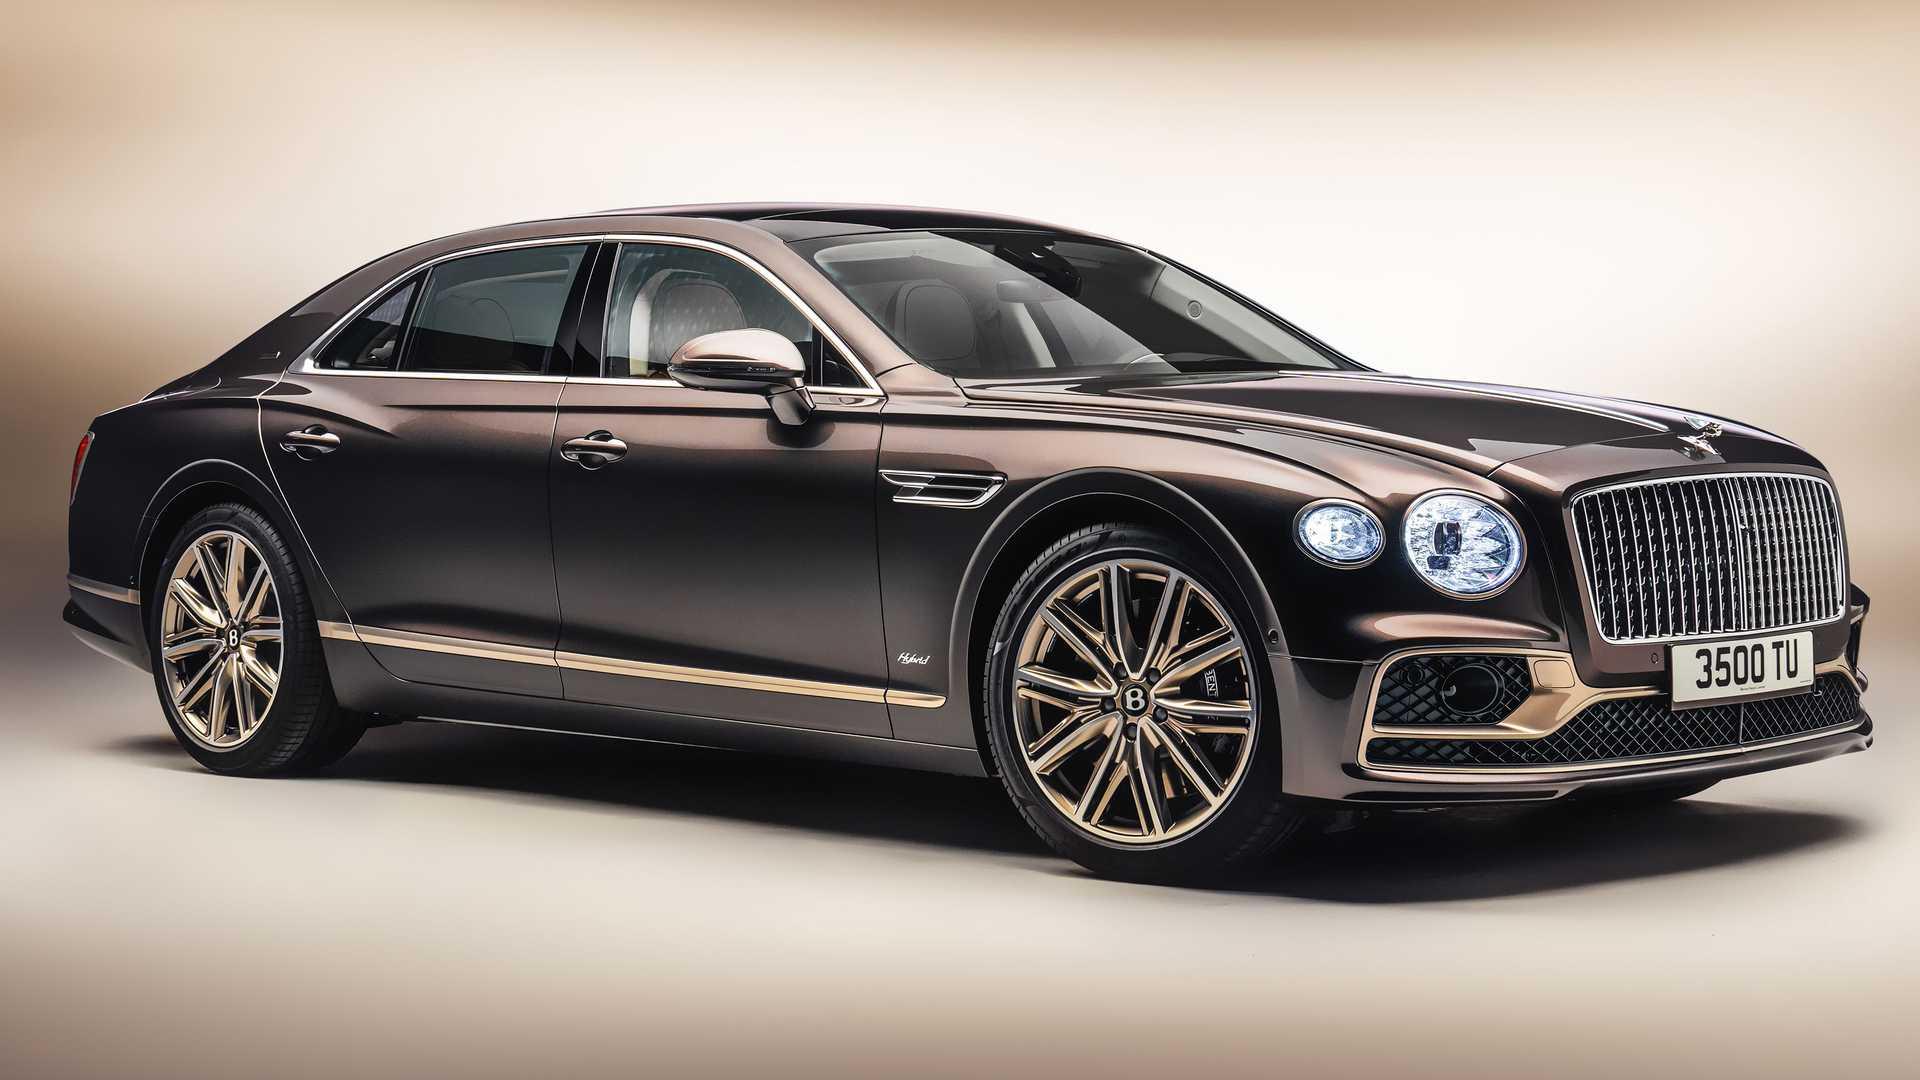 По случаю запуска в массовое производство второго гибрида Bentley – Flying Spur – автопроизводитель подготовил спецверсию Odyssean Edition. Ее выпустят ограниченным тиражом, но численность партии и стоимость пока не разглашают.